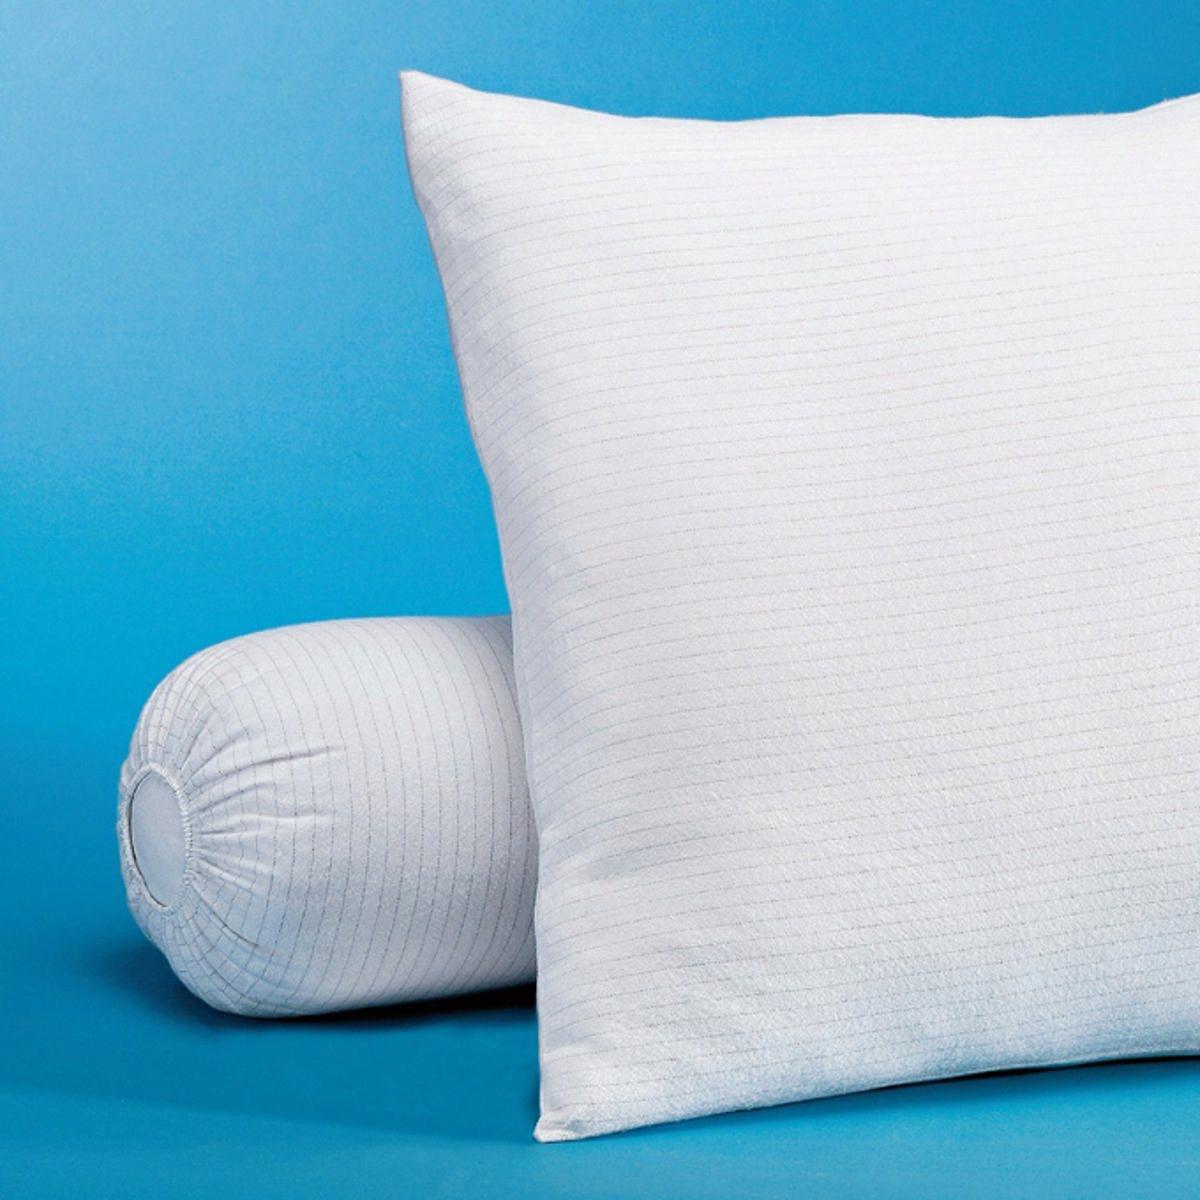 Чехол защитный на подушку из мольтонаЗащитный чехол на подушку из мольтона защищает Ваши постельные принадлежности и снимает статическое электричество для более спокойного и глубокого сна.Защитный чехол на подушку из мольтона, 99% хлопка, 1% карбона, с начесом с обеих сторон (220 г/м?).Машинная стирка при 60 °С.Защитный чехол из мольтона - это качество VALEUR S?RE.<br><br>Цвет: белый<br>Размер: 65 x 65  см